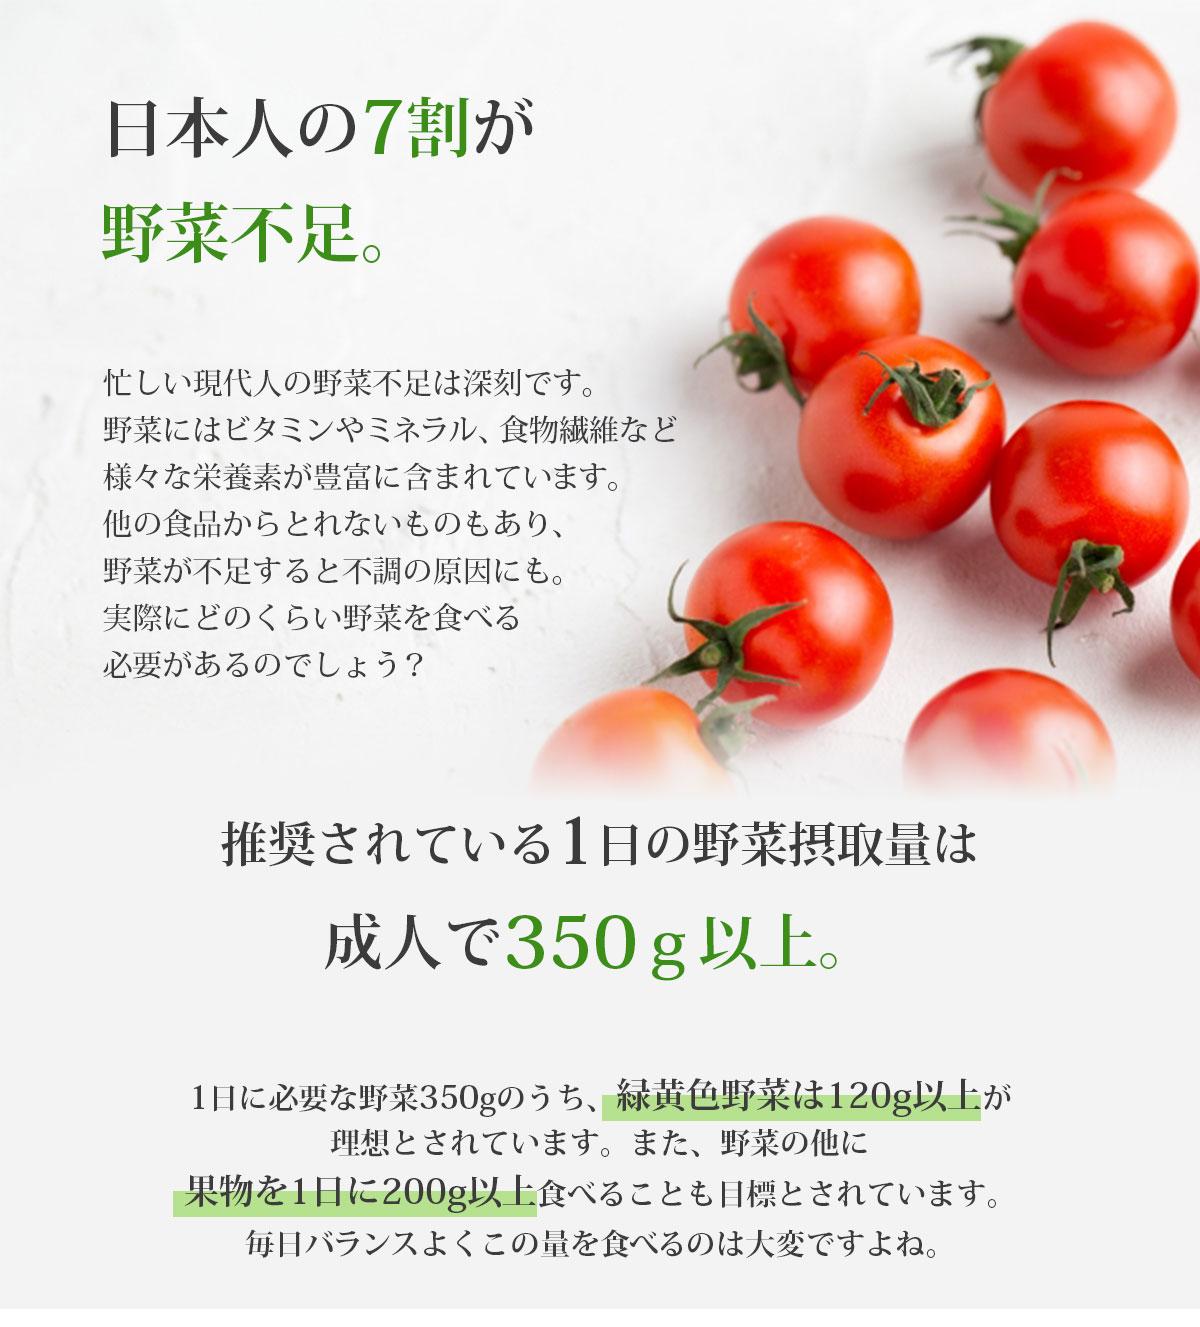 日本人の7割が野菜不足